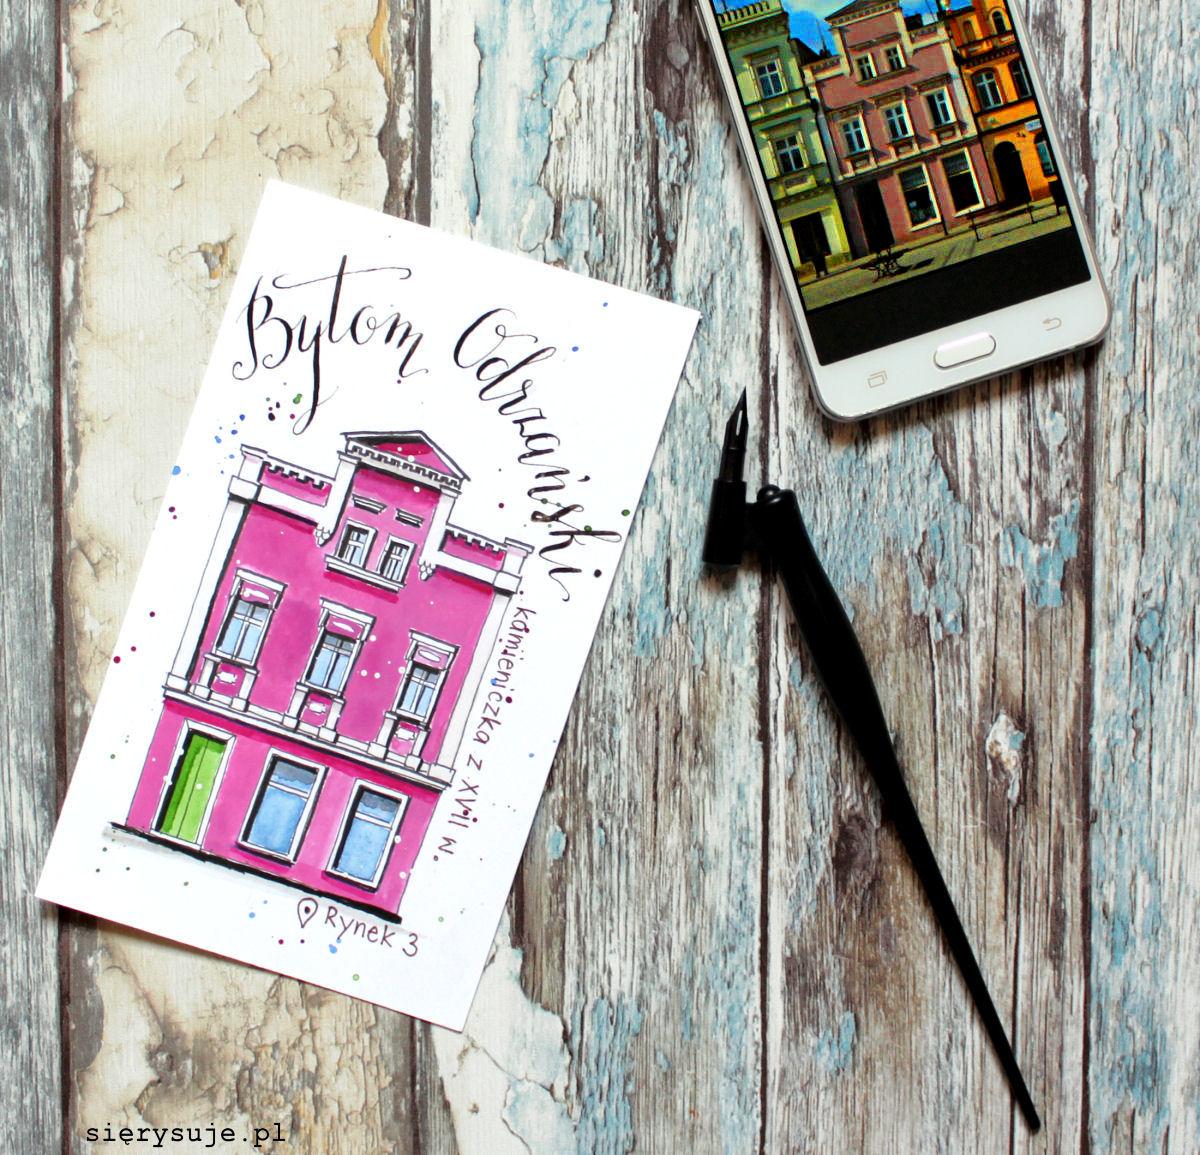 sierysuje.pl jak narysować budynek urban sketching